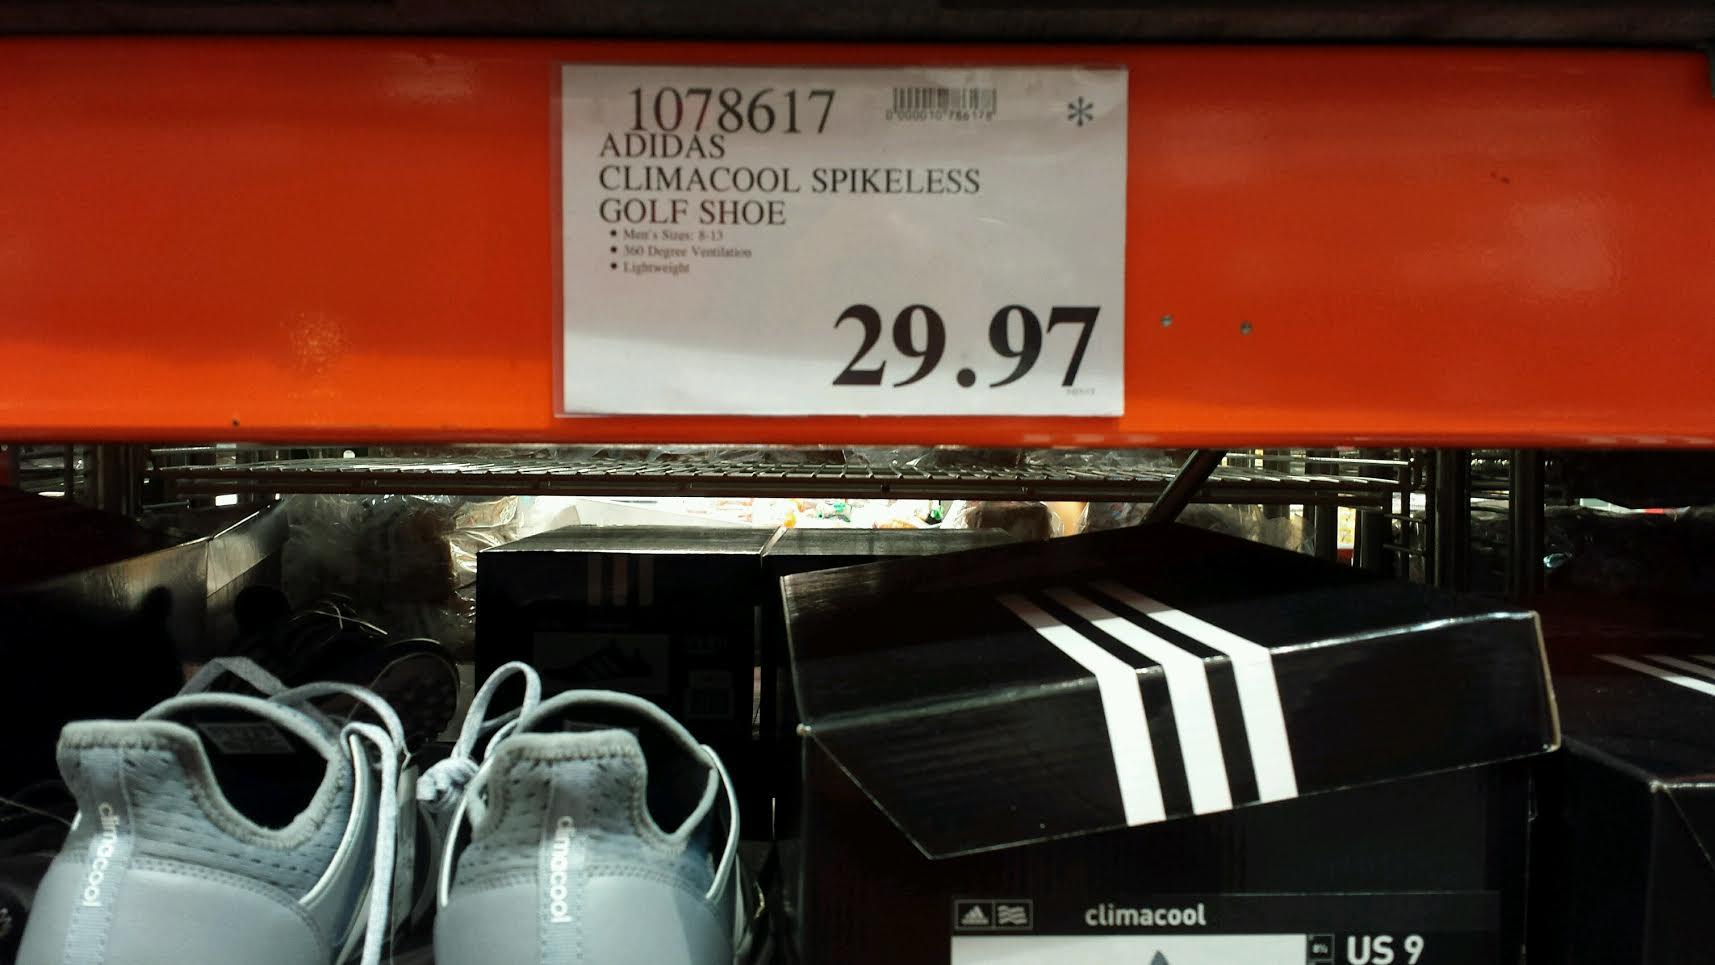 Adidas Men's Climacool Spikeless Golf Shoes | Costco97.com